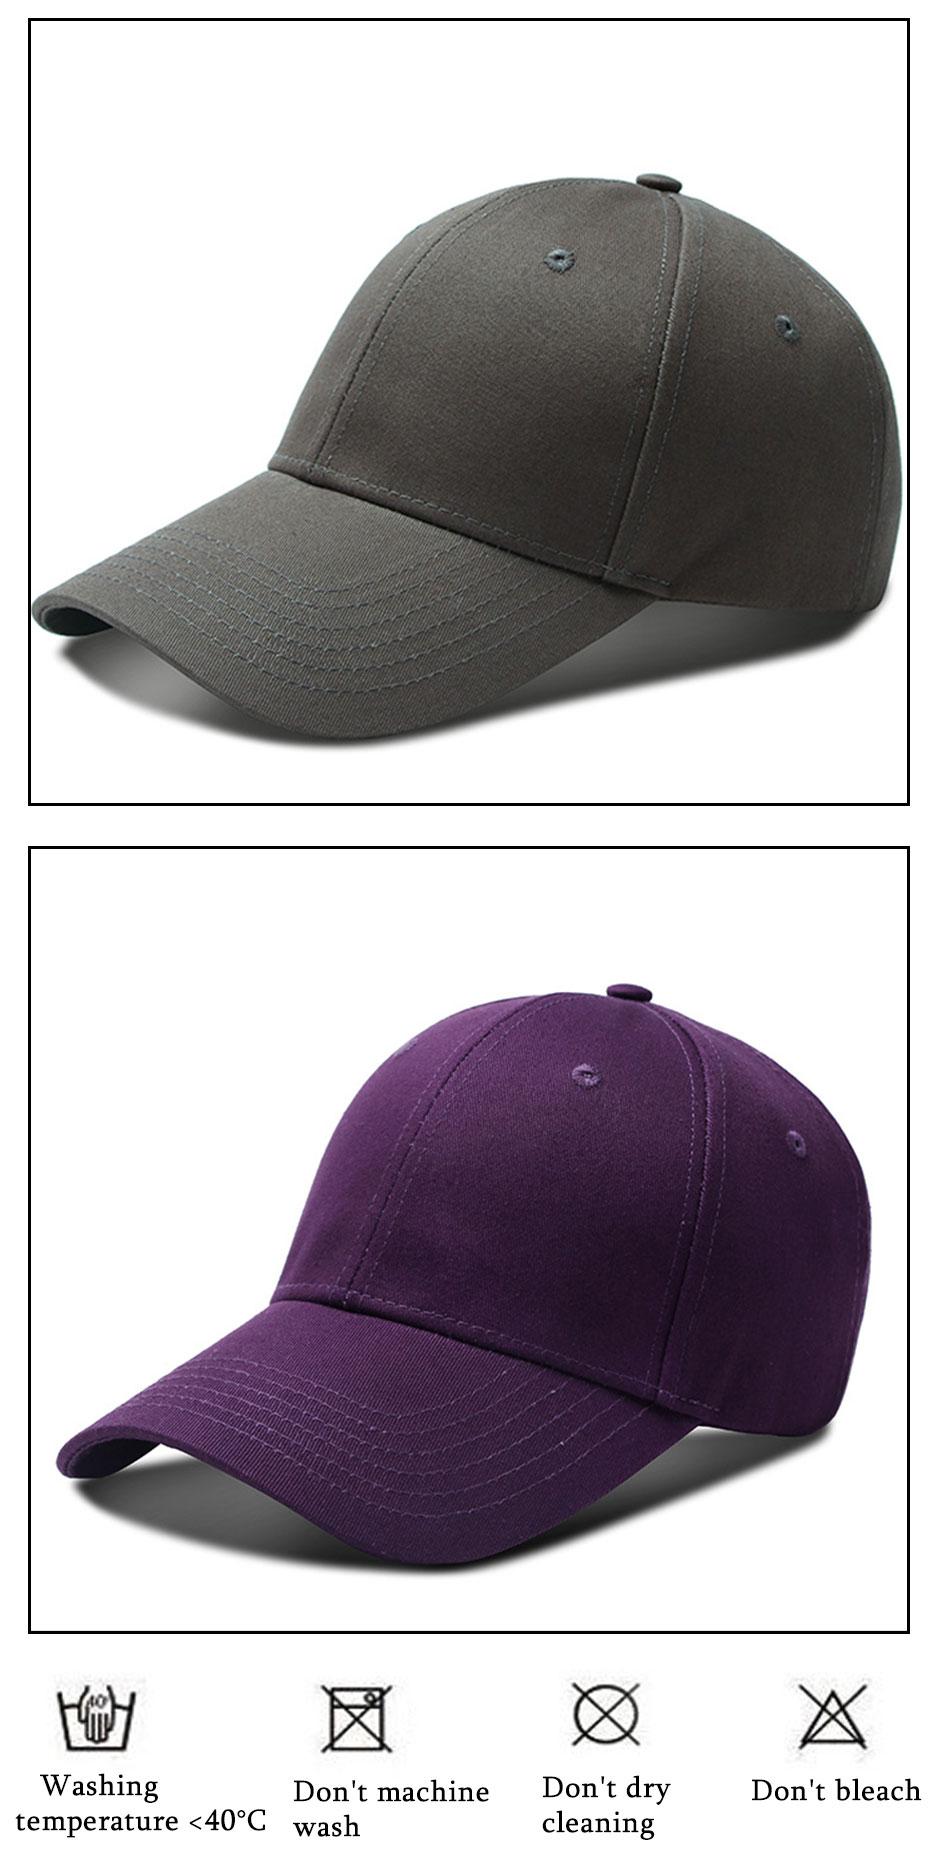 Cap-005930_08